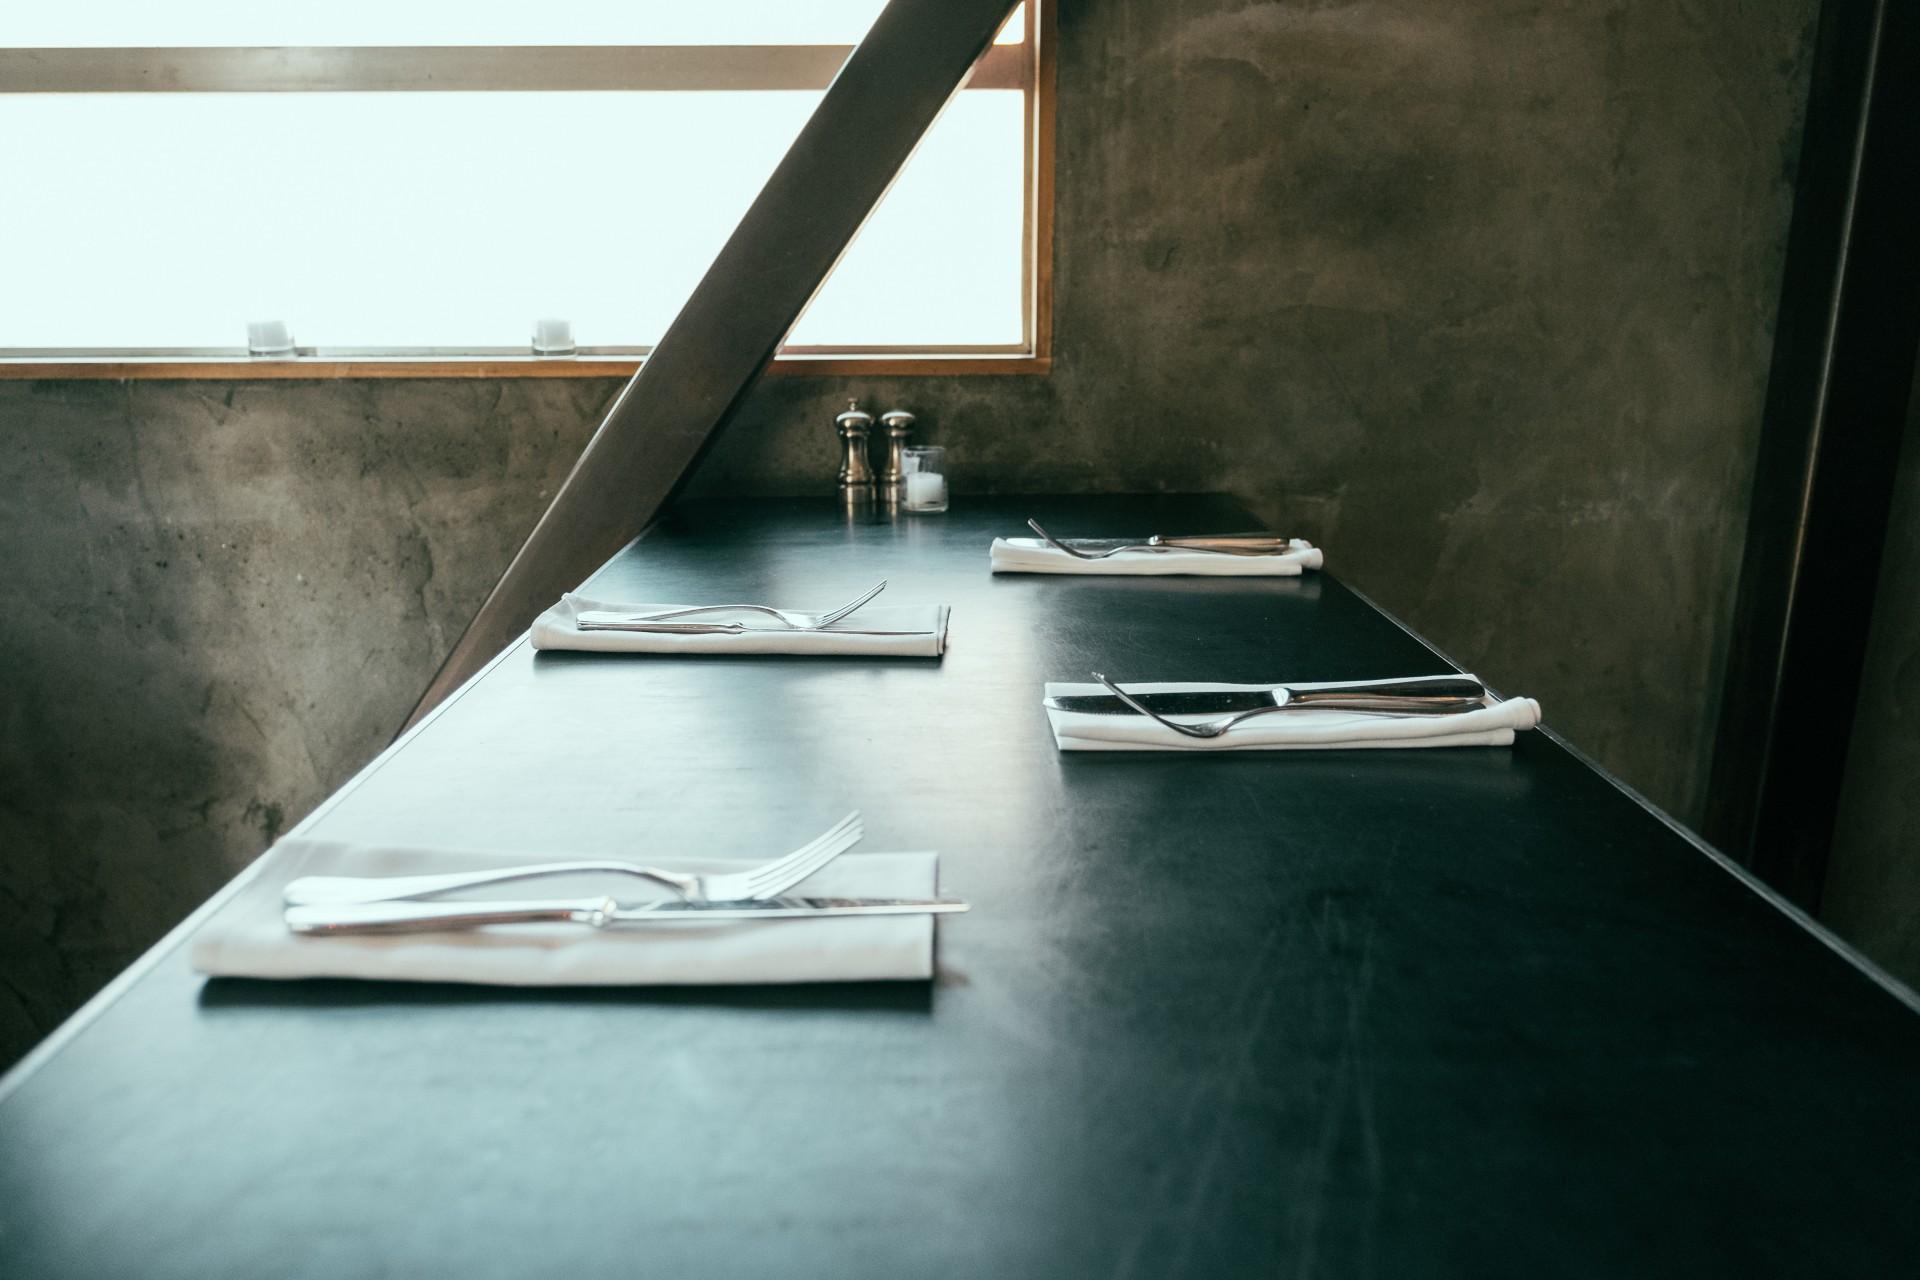 Cómo escoger un buen software para gestionar tu negocio hostelero